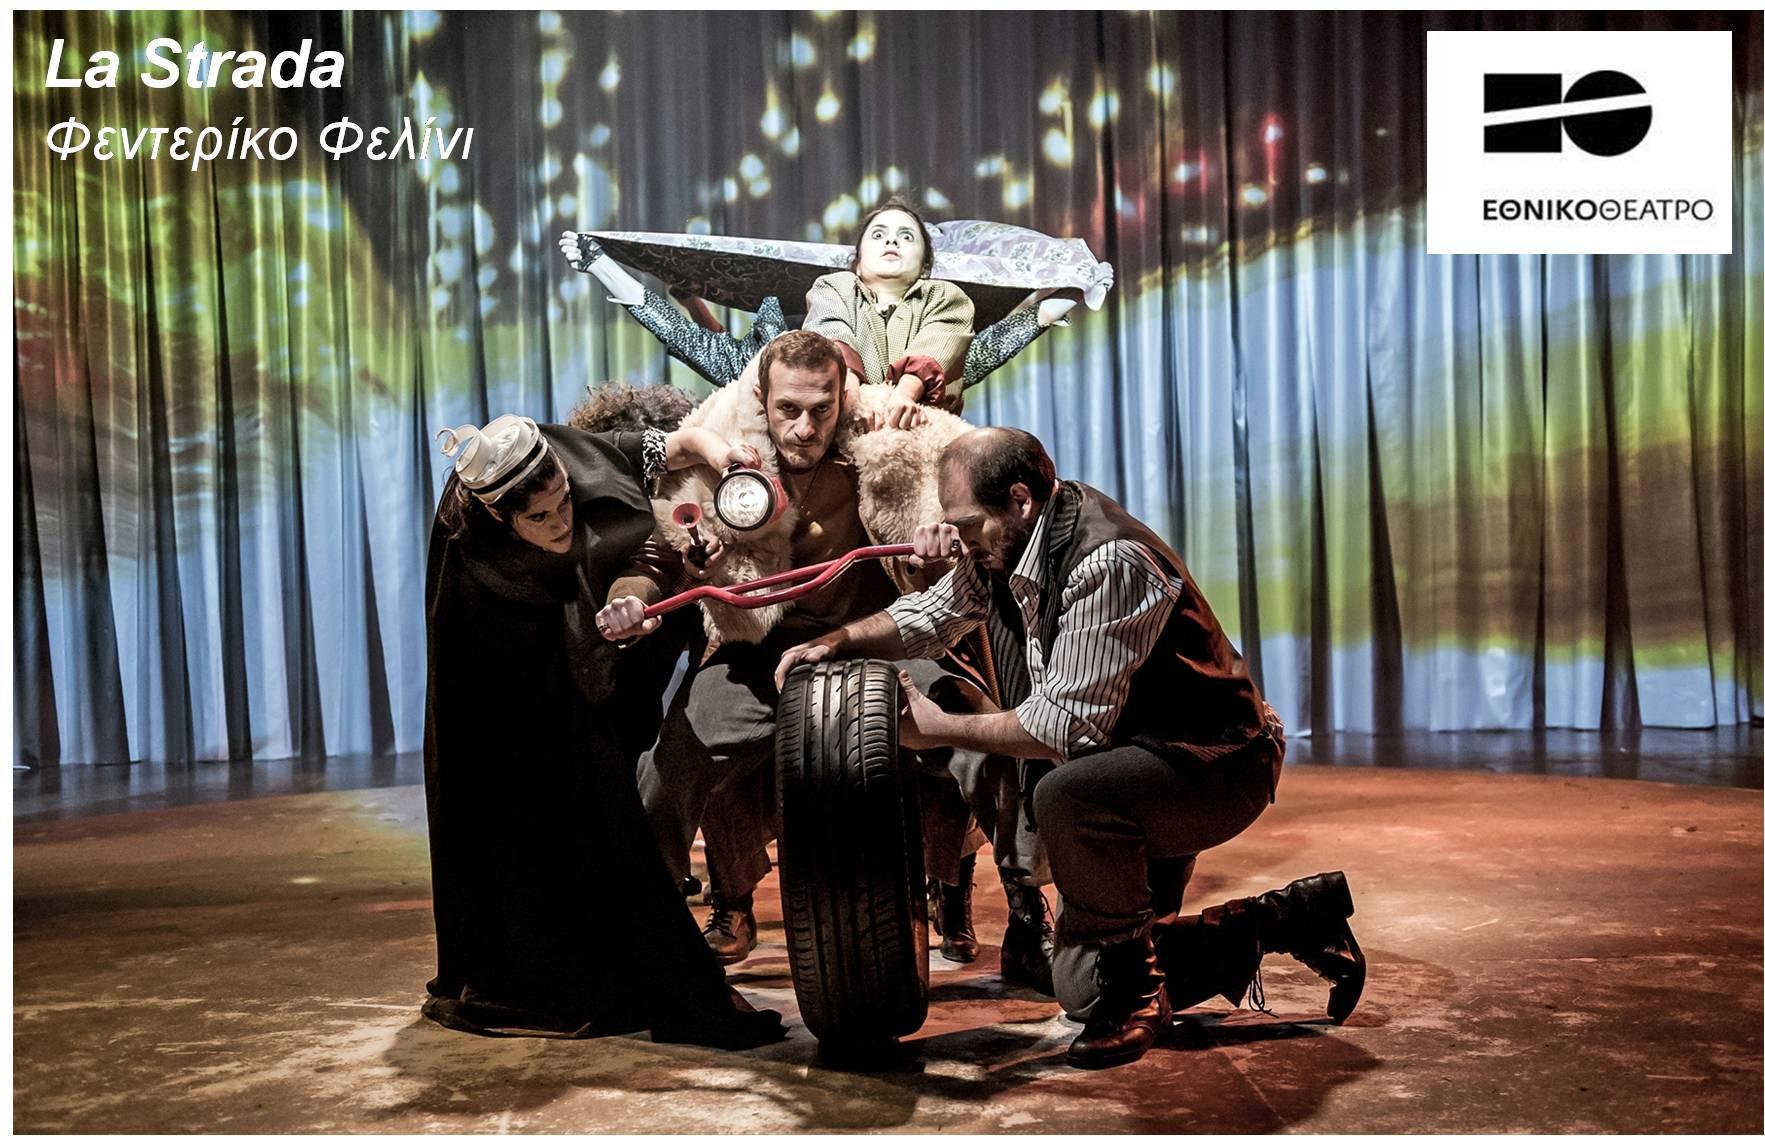 12€ από 15€ για είσοδο 1 ατόμου στην πρωτοποριακή παράσταση ''La Strada'', βασισμένη στην ταινία του Φεντερίκο Φελίνι, από το ΕΘΝΙΚΟ ΘΕΑΤΡΟ στην Πειραματική Σκηνή του ΡΕΞ